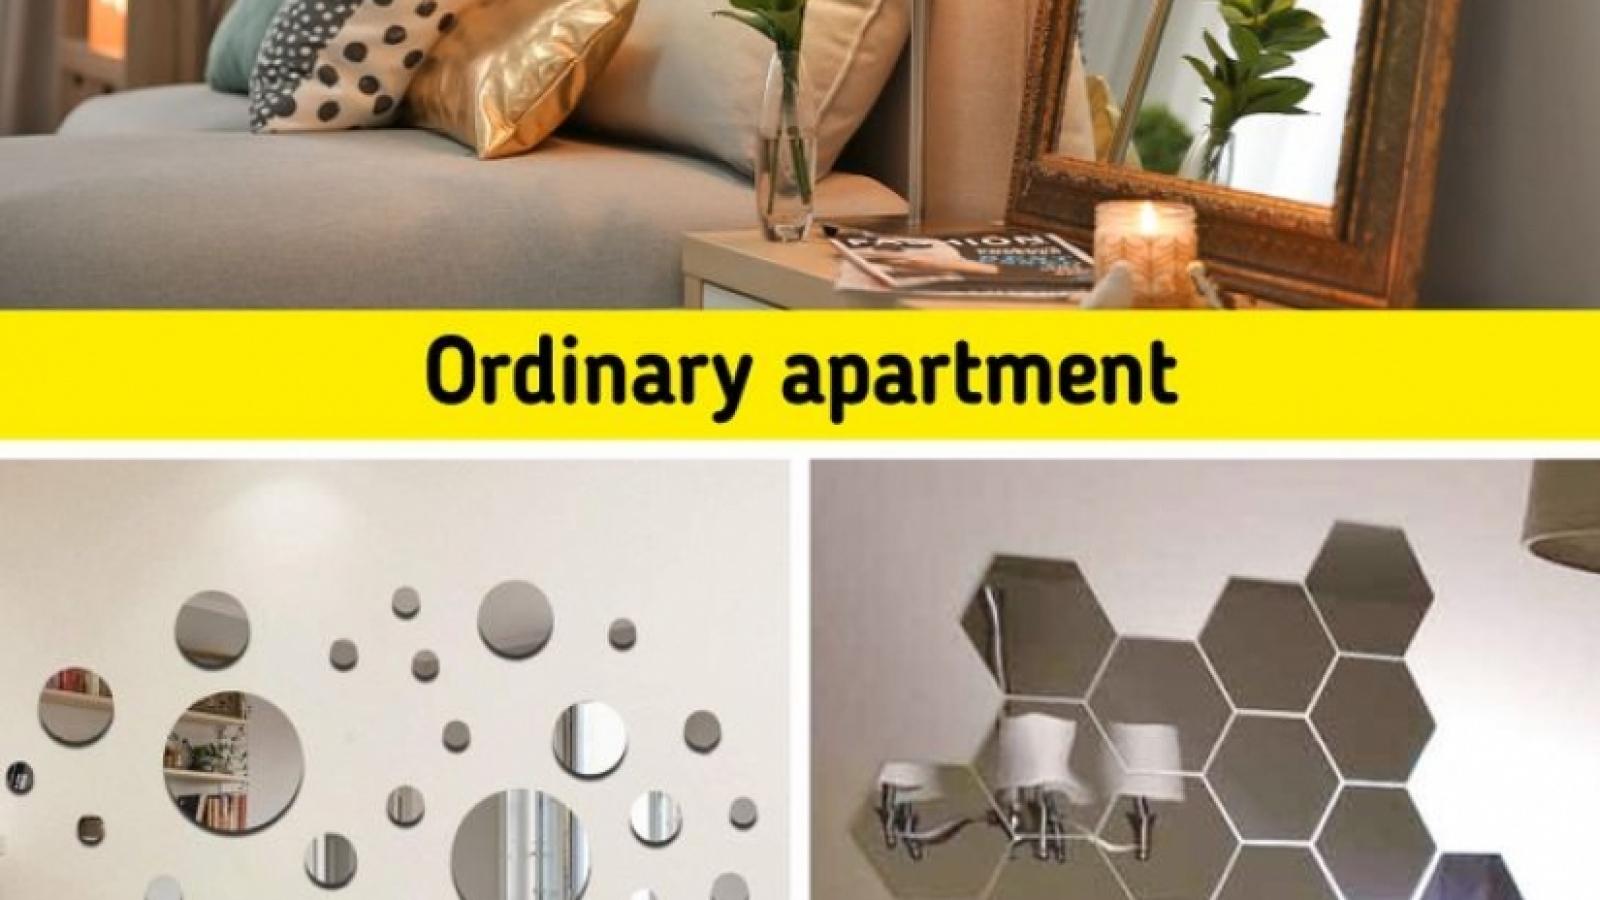 Hô biến ngôi nhà trở nên sang trọng với những món đồ nhỏ gọn